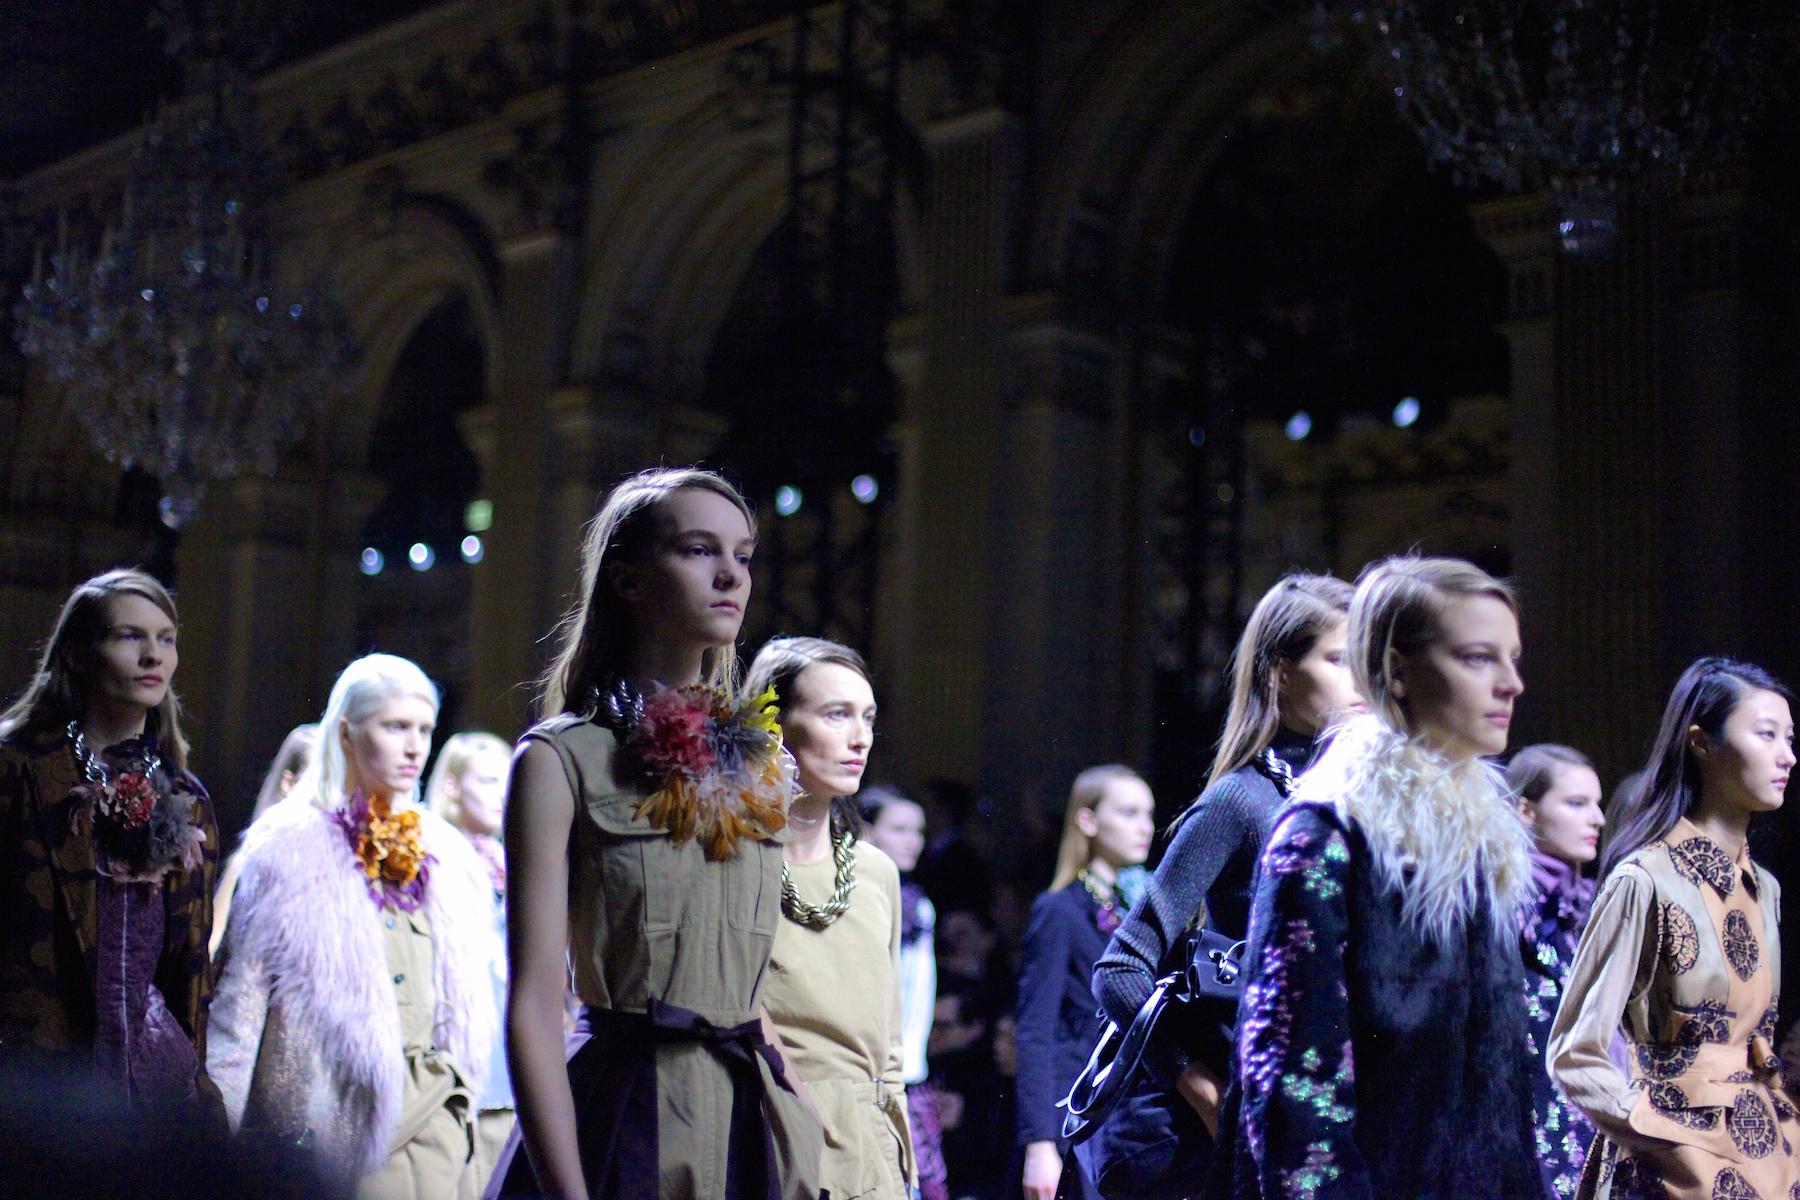 The State of Fashion 2021: Branchen-Insights und 5 Tendenzen für die Zukunft der Modewelt